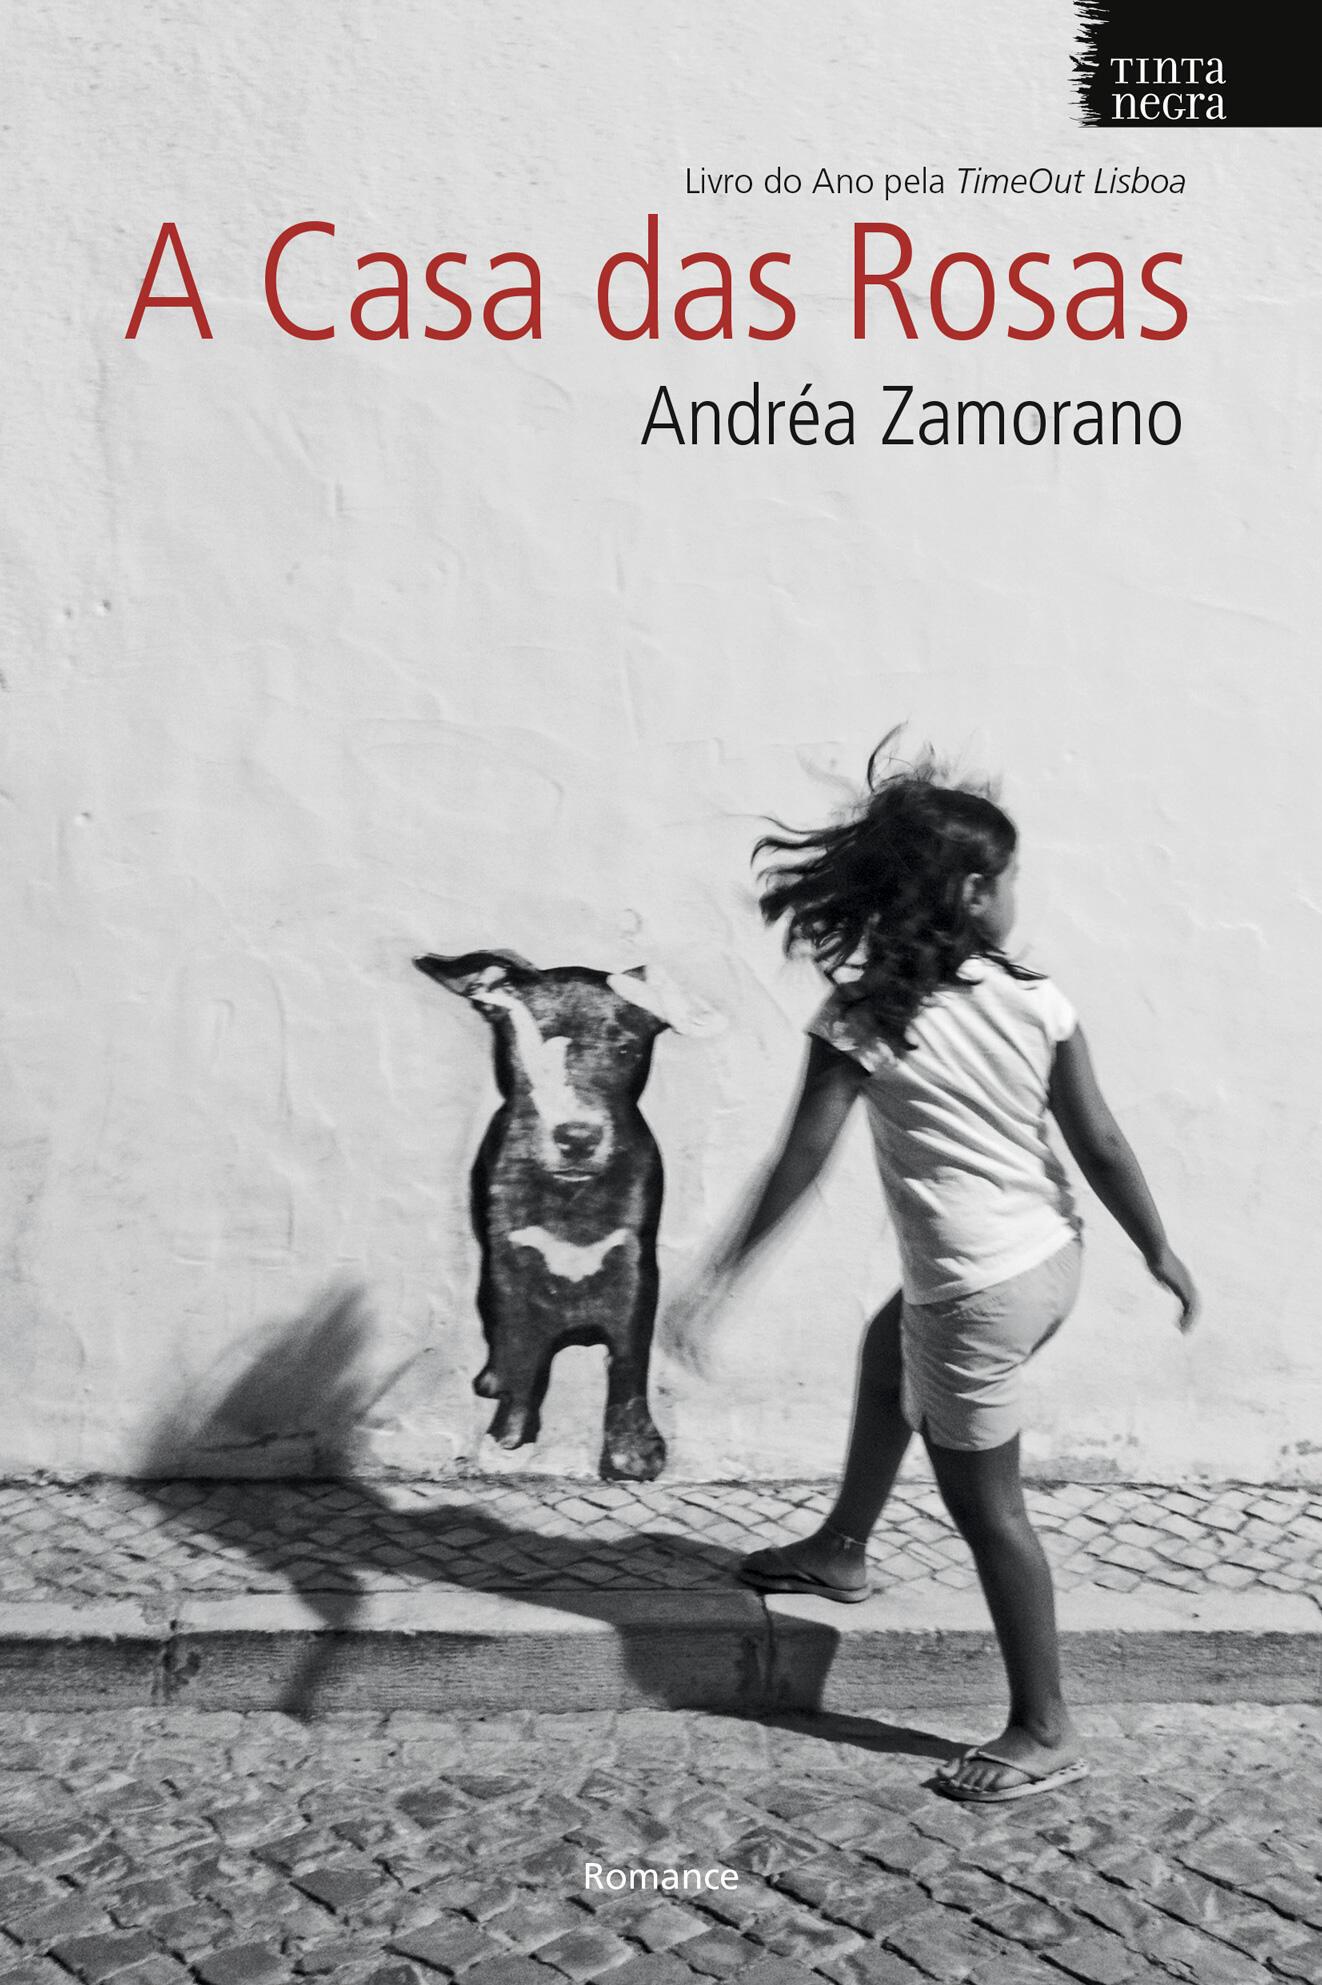 """A """"A casa das Rosas"""", romance de estreia de Andréa Zamorano, será lançado no Brasil durante a Flip de Paraty."""